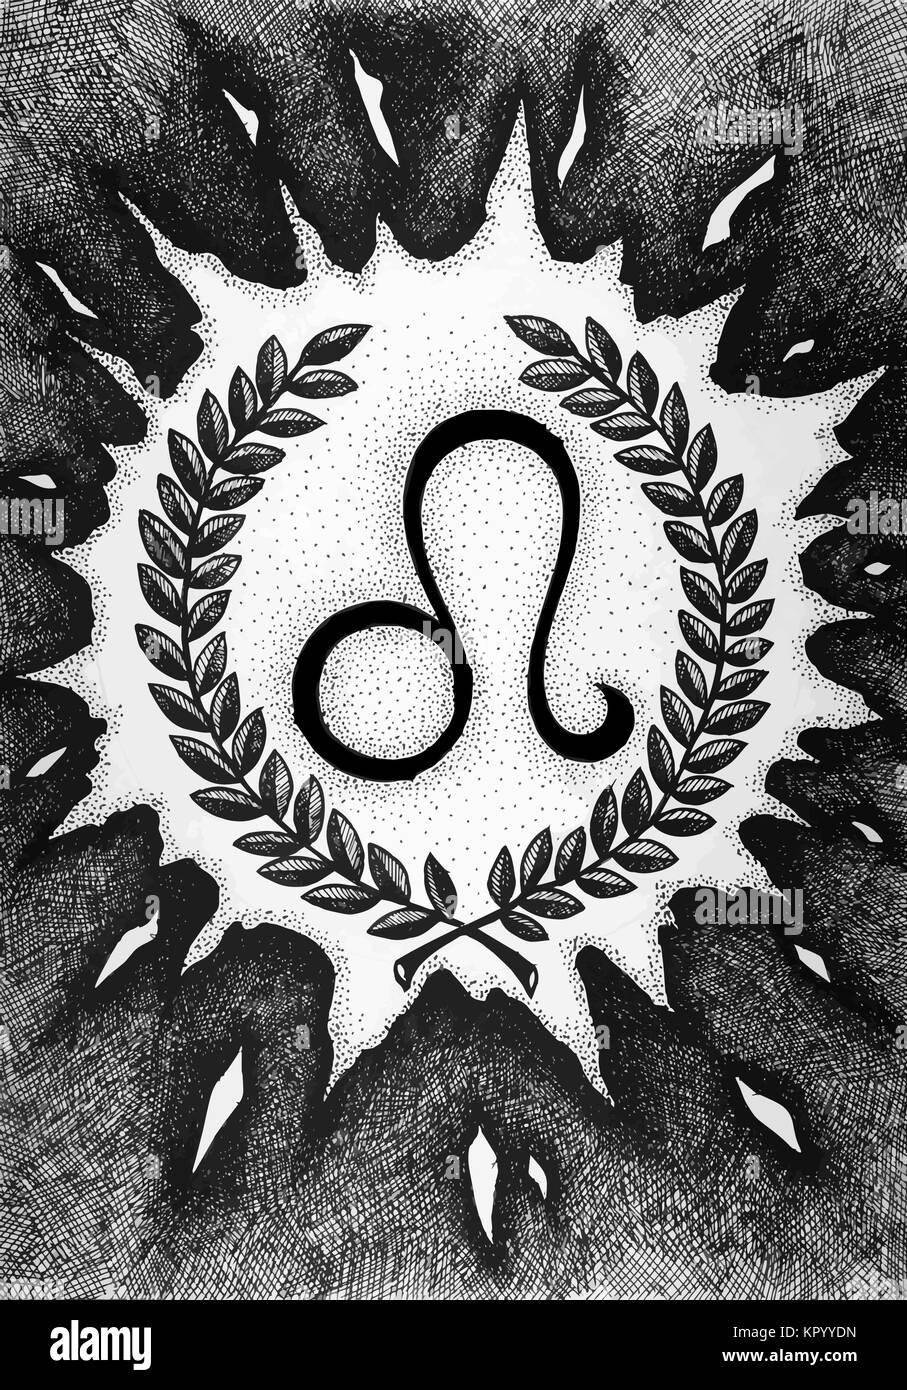 Los signos del zodiaco Leo. Dibujadas a mano con pincel de tinta. Ilustración vectorial. Ilustración del Vector